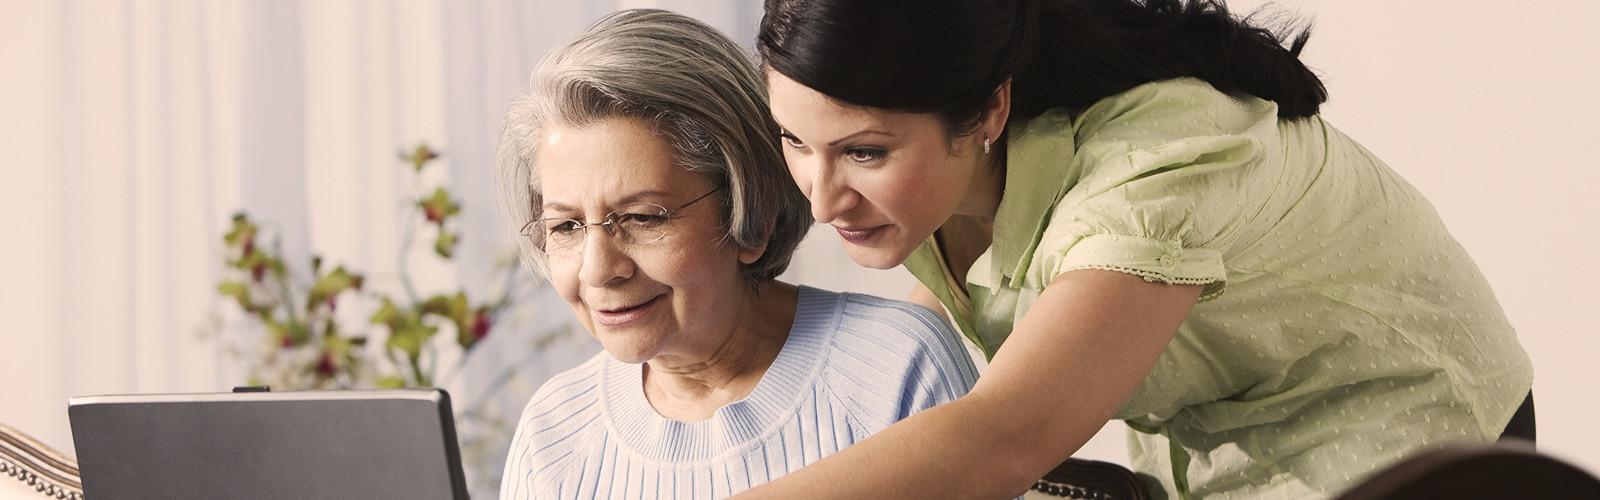 Idős nő egy fiatal nővel együtt számítógépezik – Így hat az Alzheimer-kór szeretteinkre